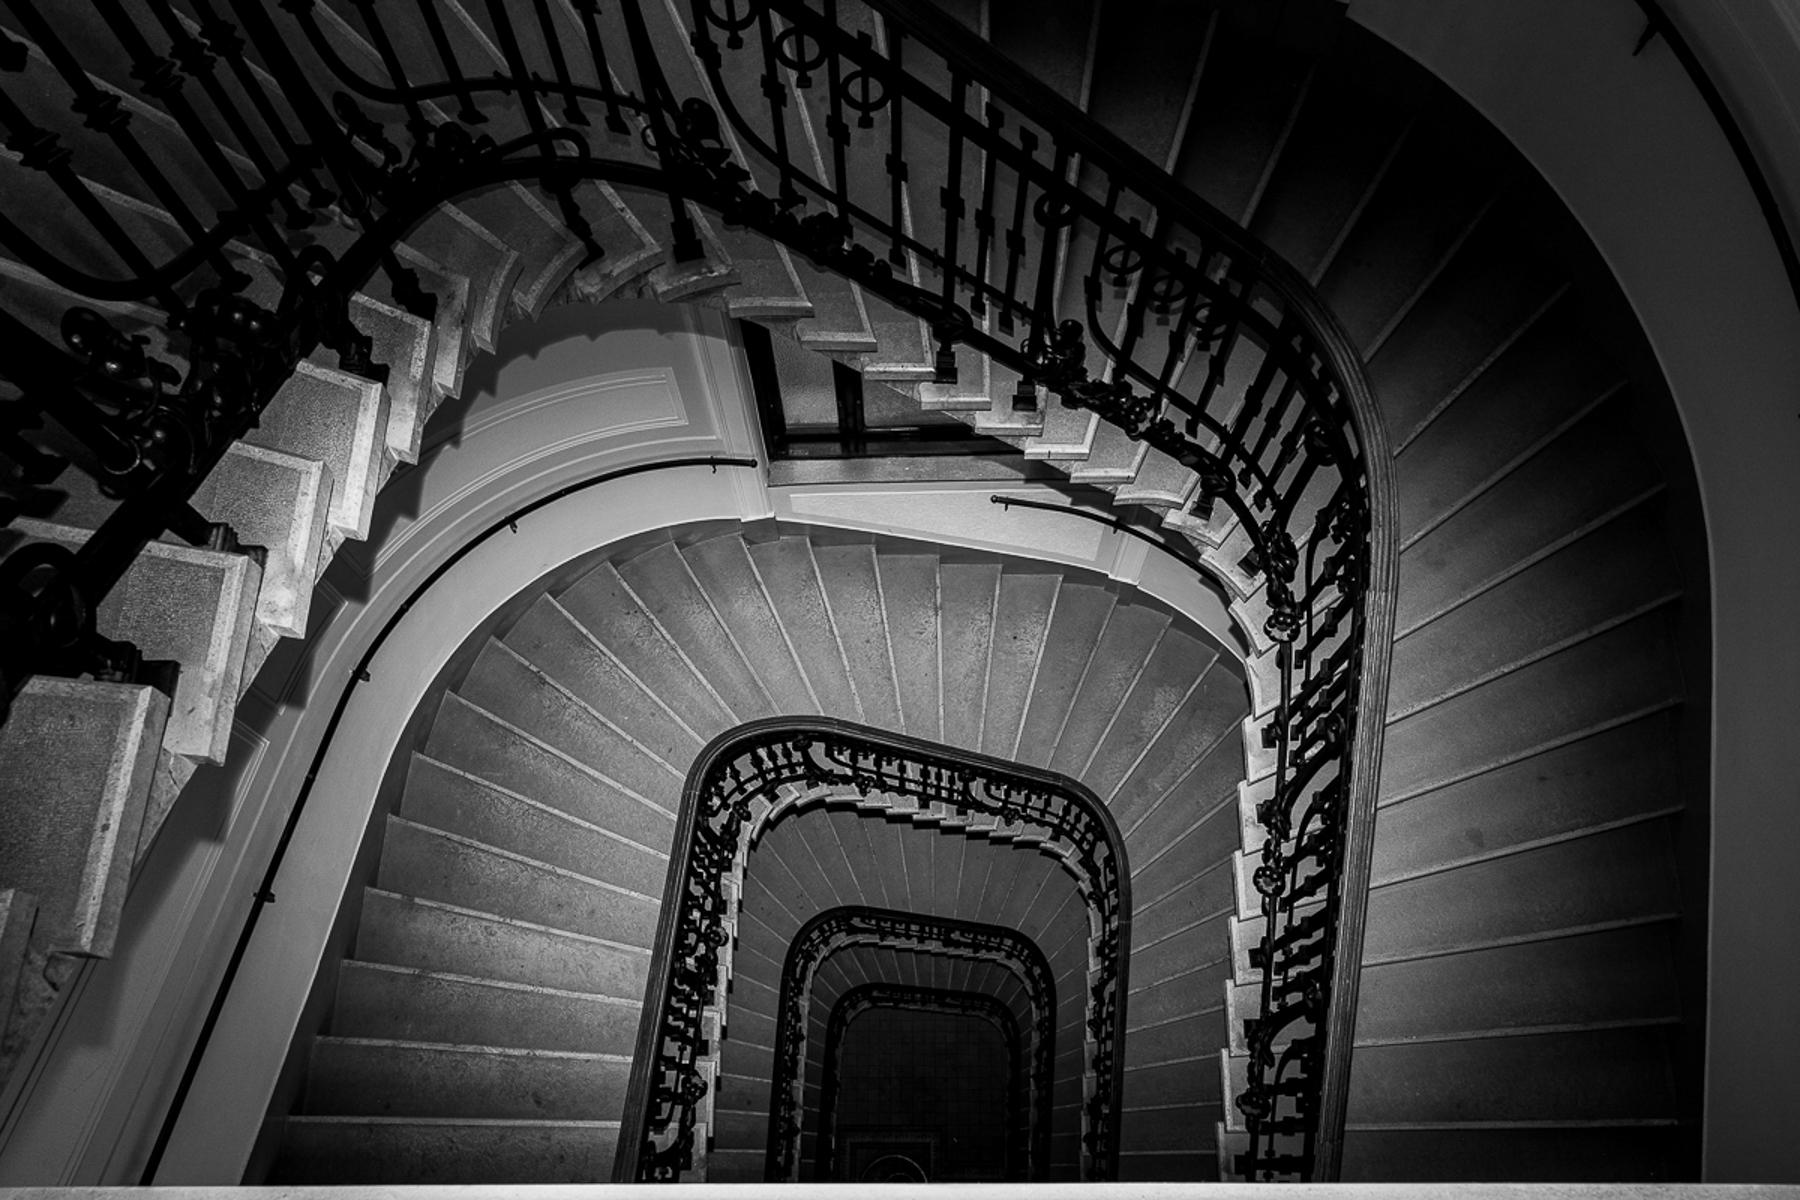 Stiegenhaus Wien schwarzweiß